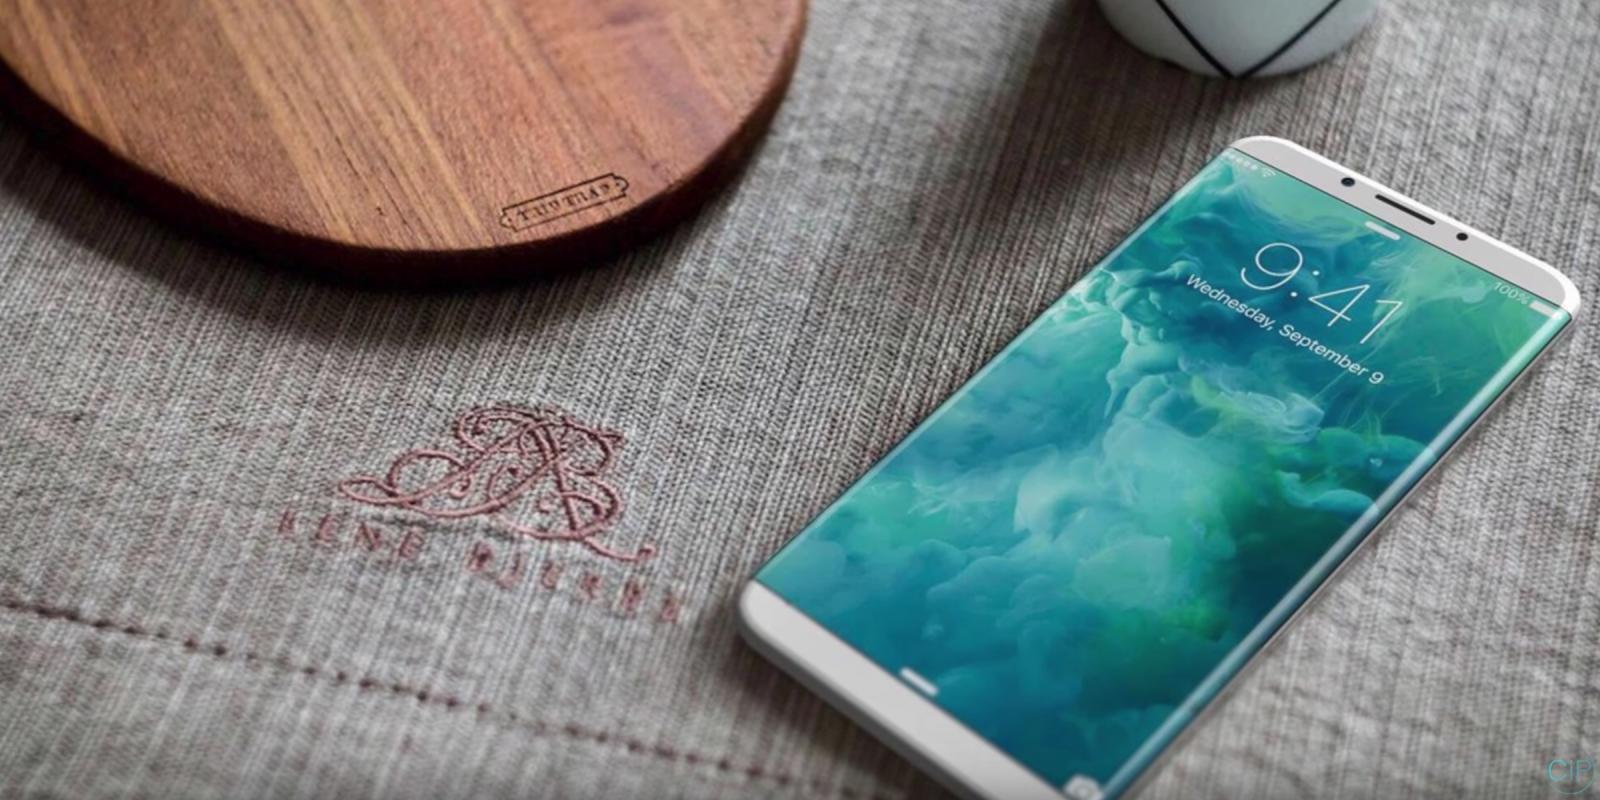 Samsung vendió más smartphones que Apple durante el Q1 2017 según Trendforce